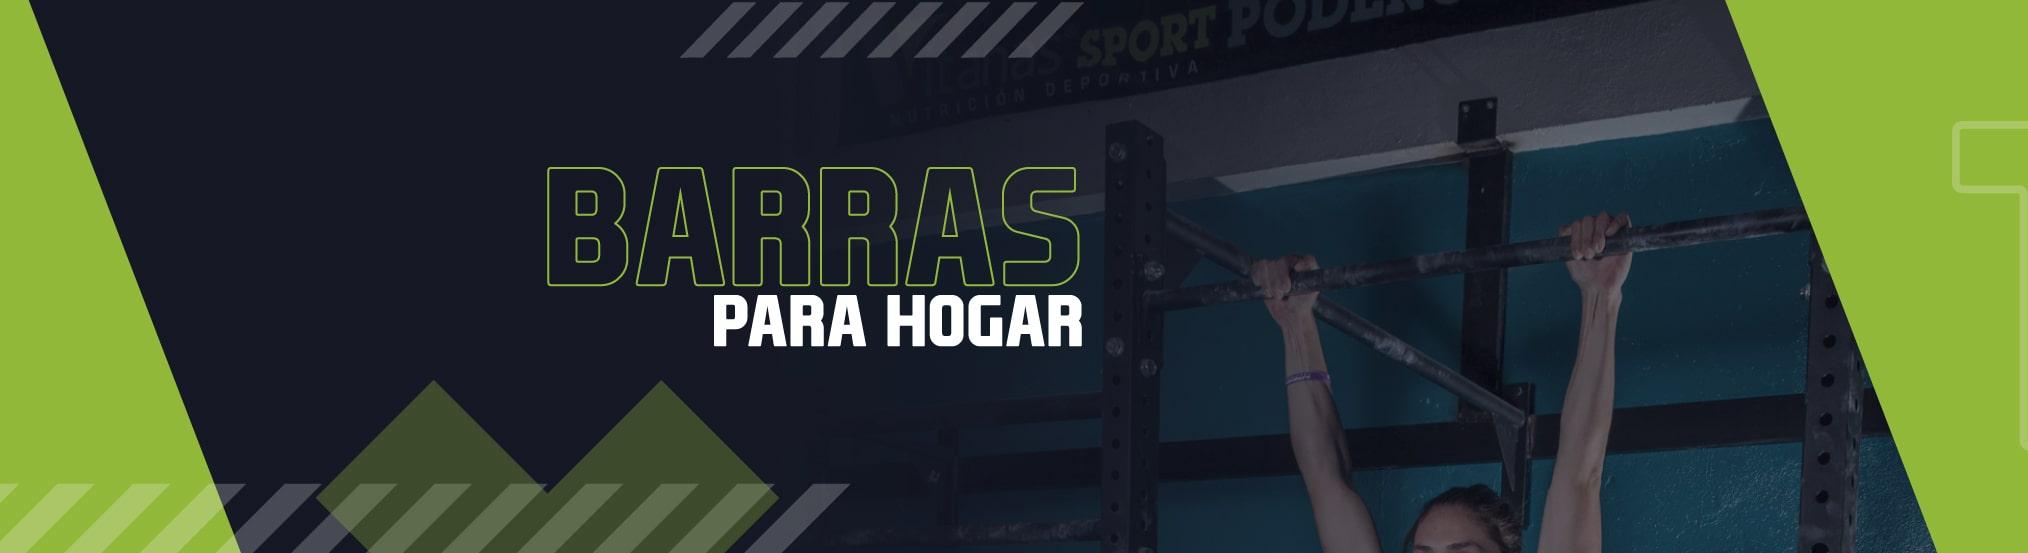 B-BARRAS-HOGAR-DESK-min